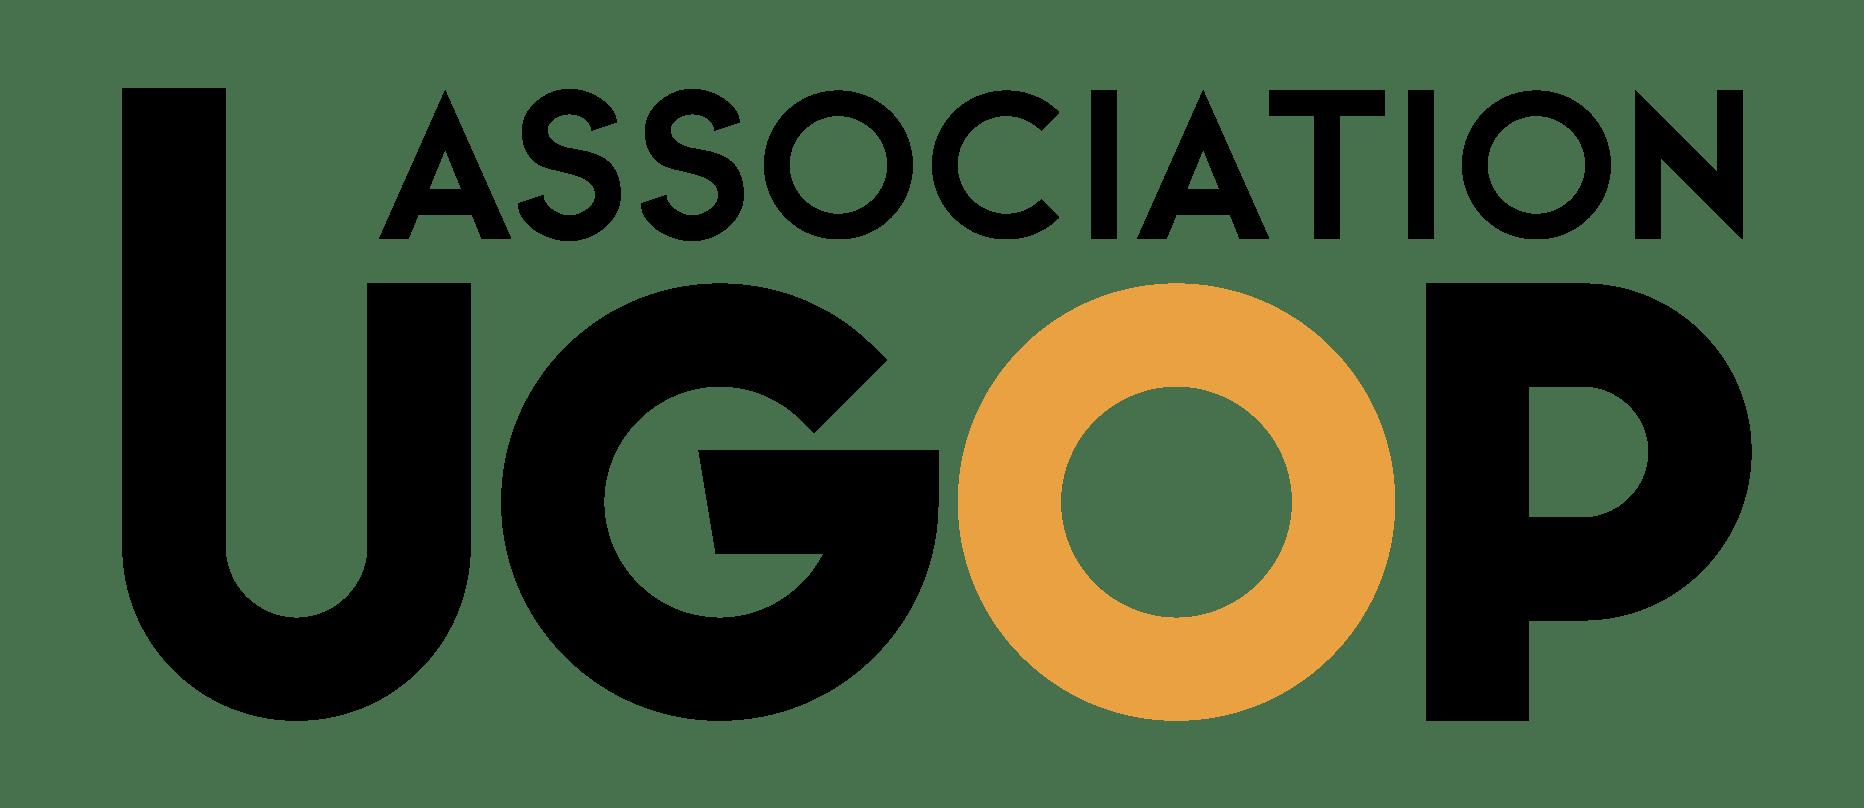 Association UGOP